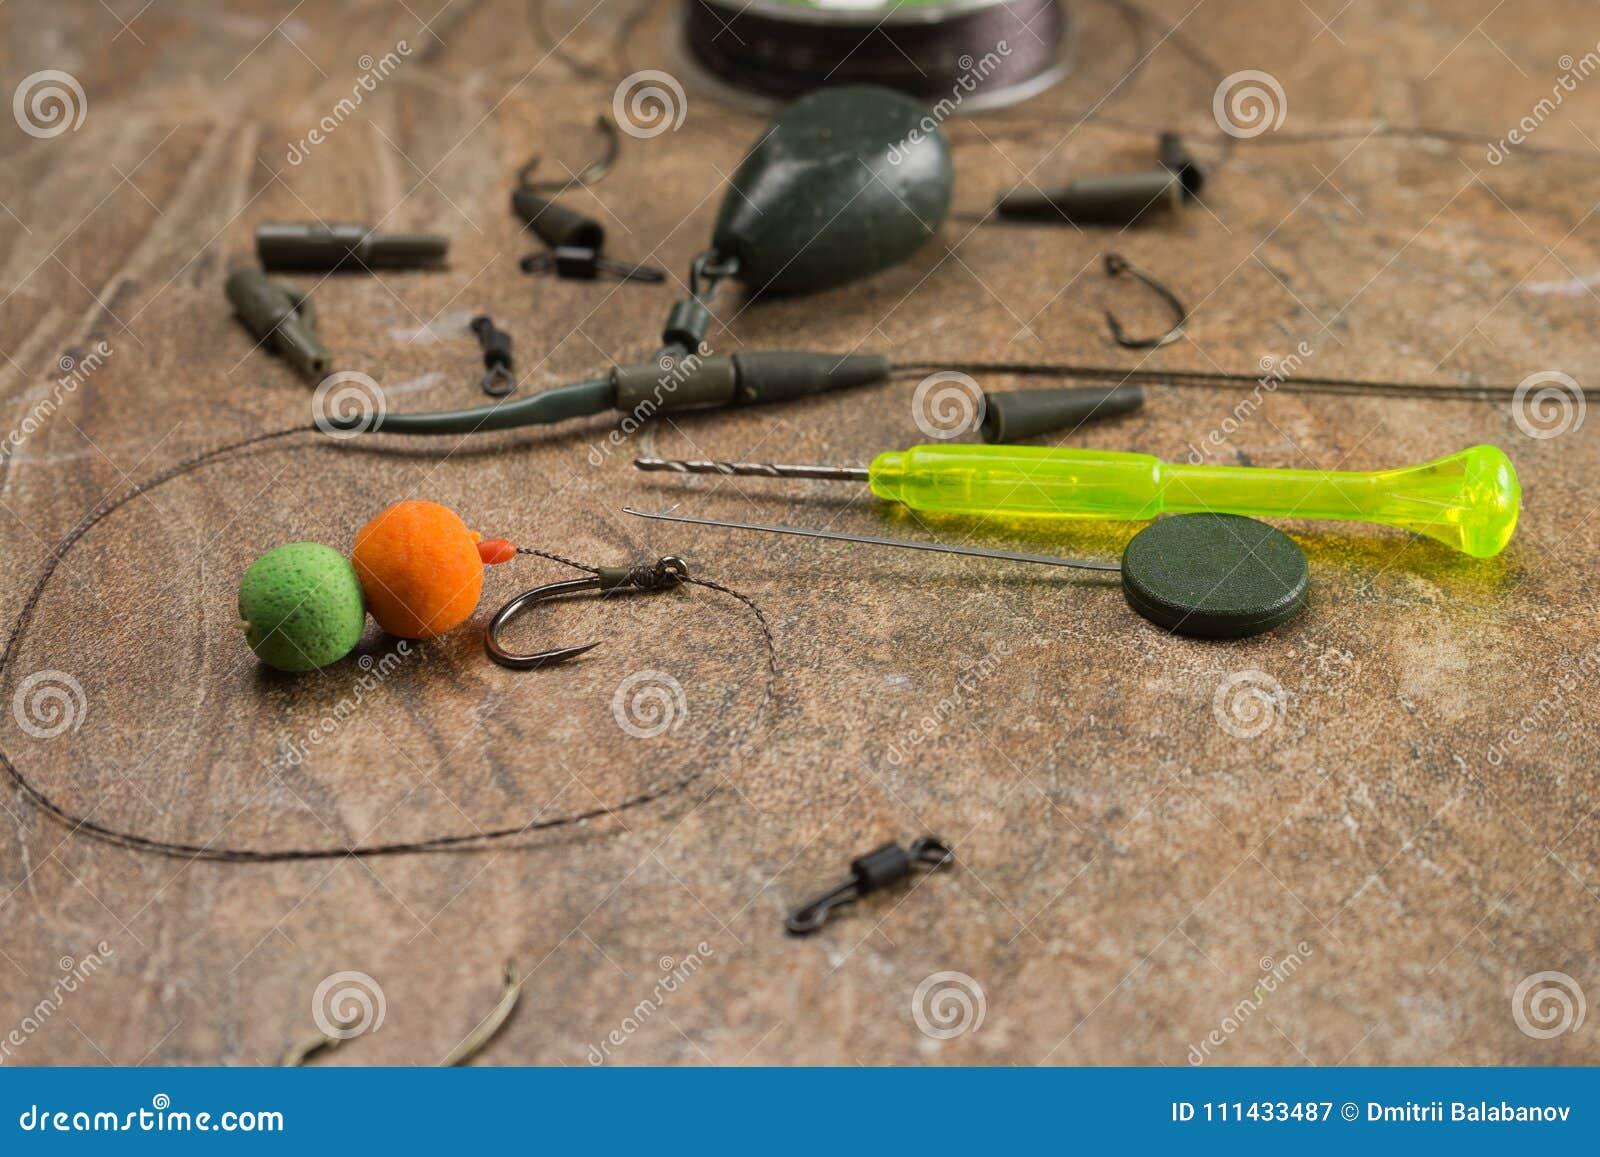 Les amorces, crochets, platines, ledcor se prépare à la pêche de carpe Copiez la pâte